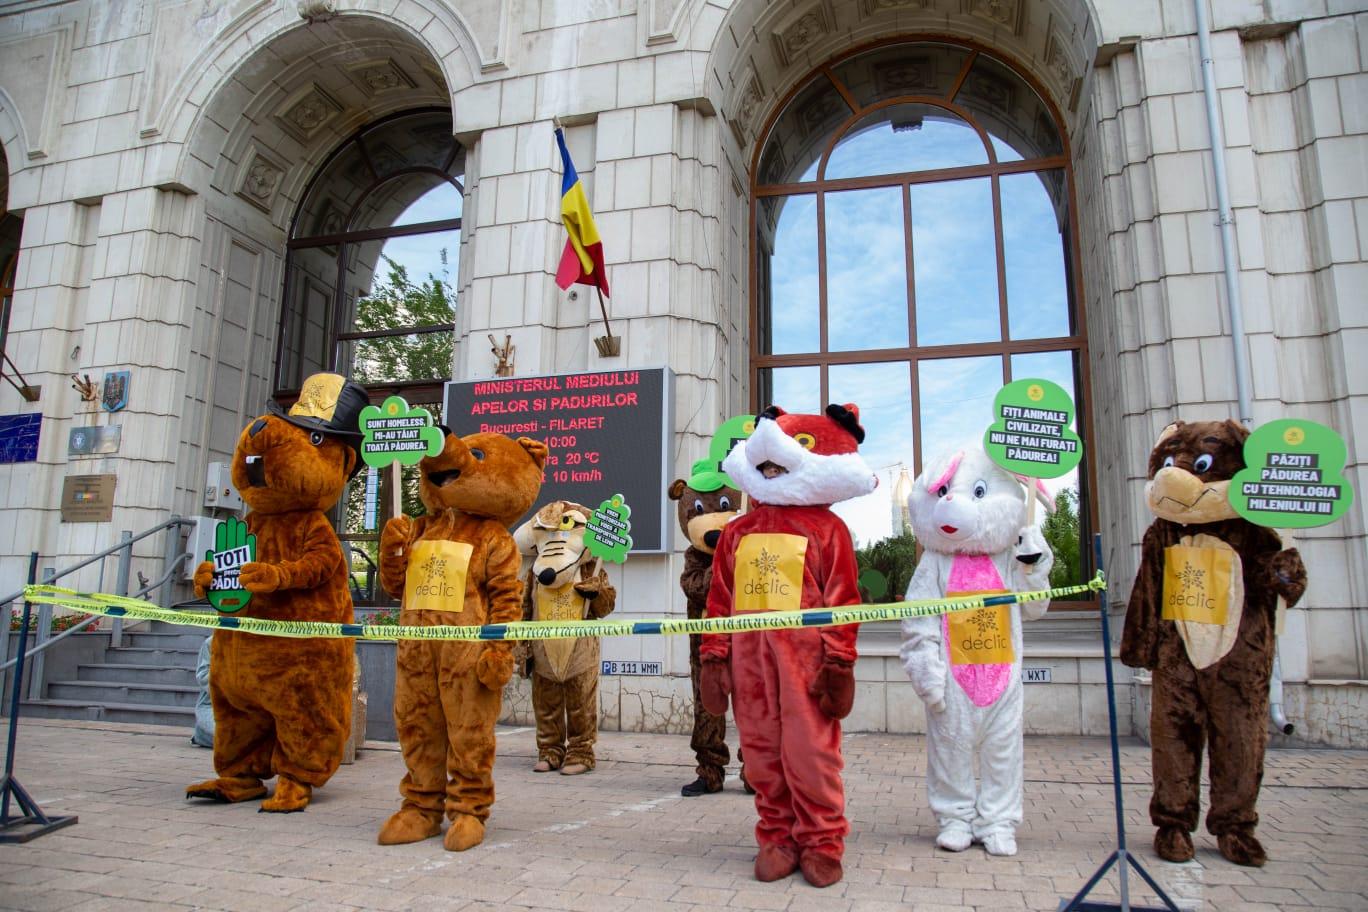 protest animale salbatice Ministerul Mediului